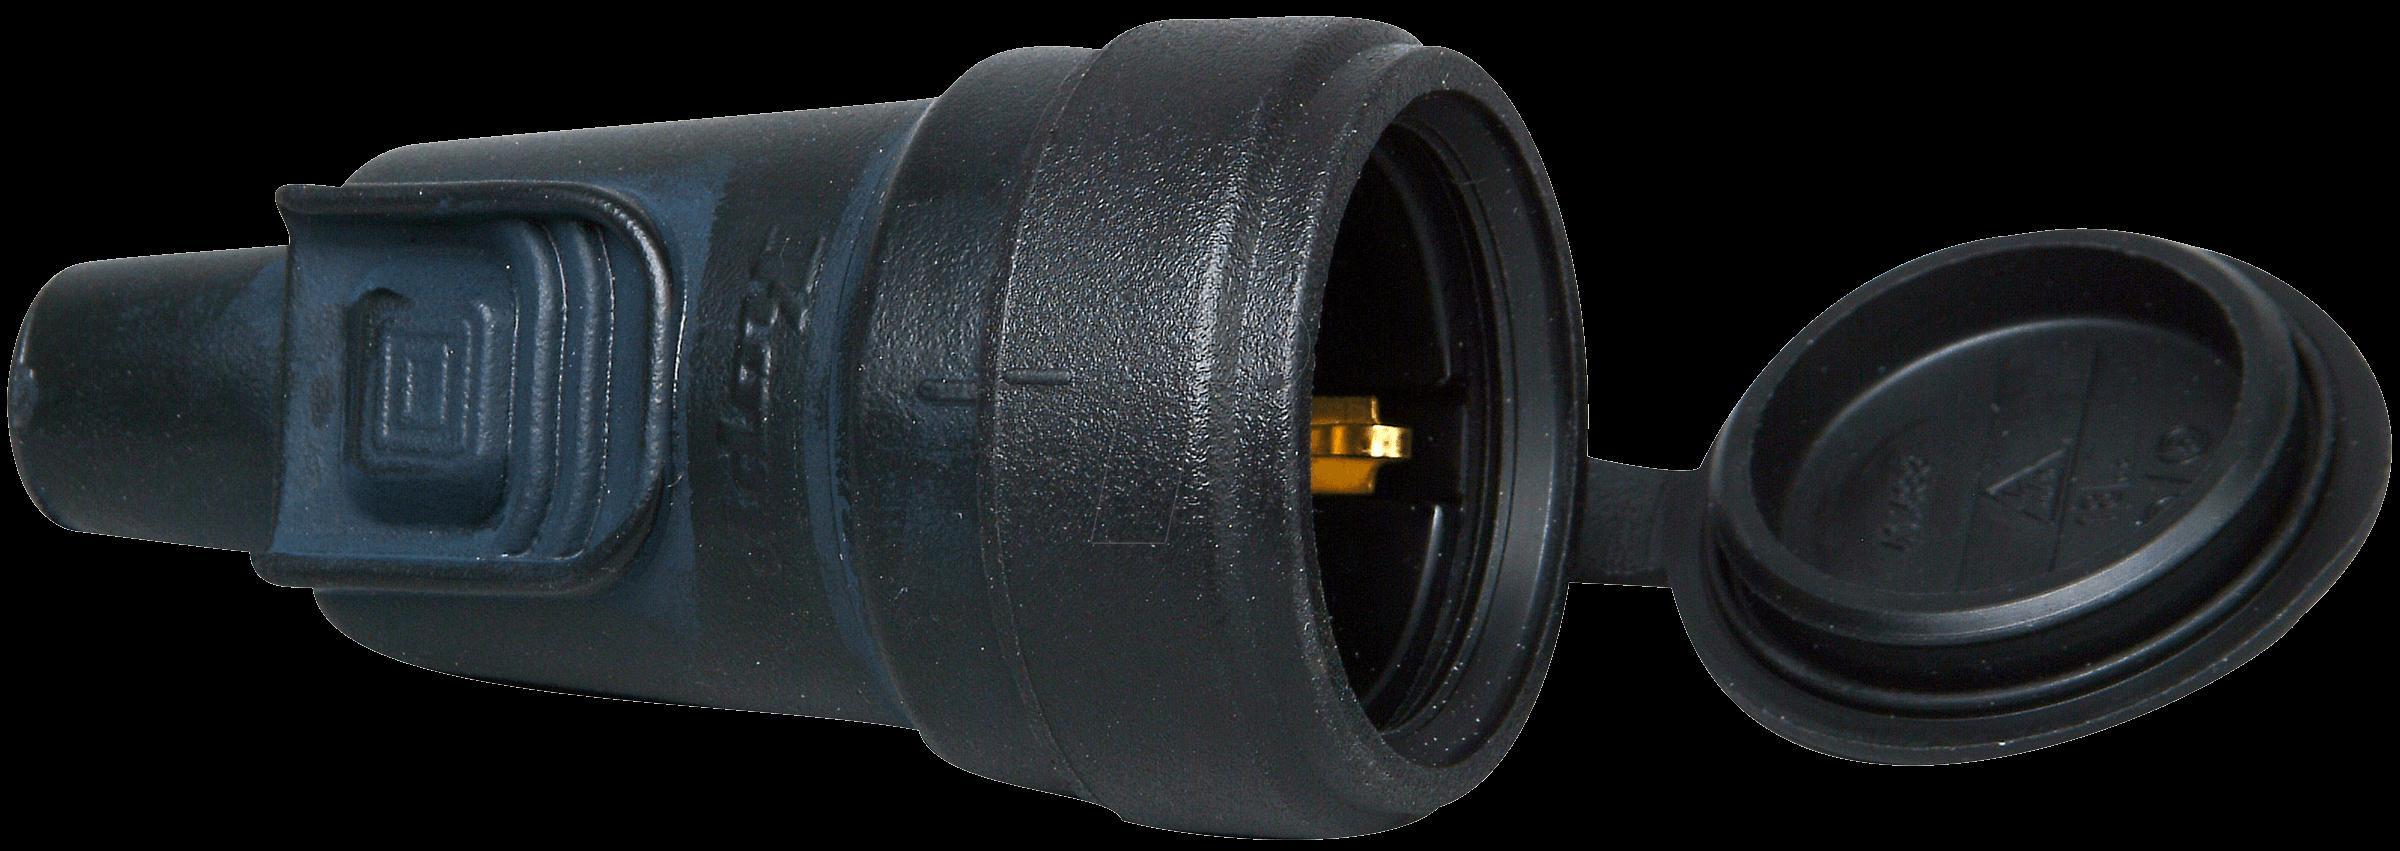 SST 3VG VR KU - Schutzkontaktkupplung Typ F - CEE 7/3, IP 44, schwarz